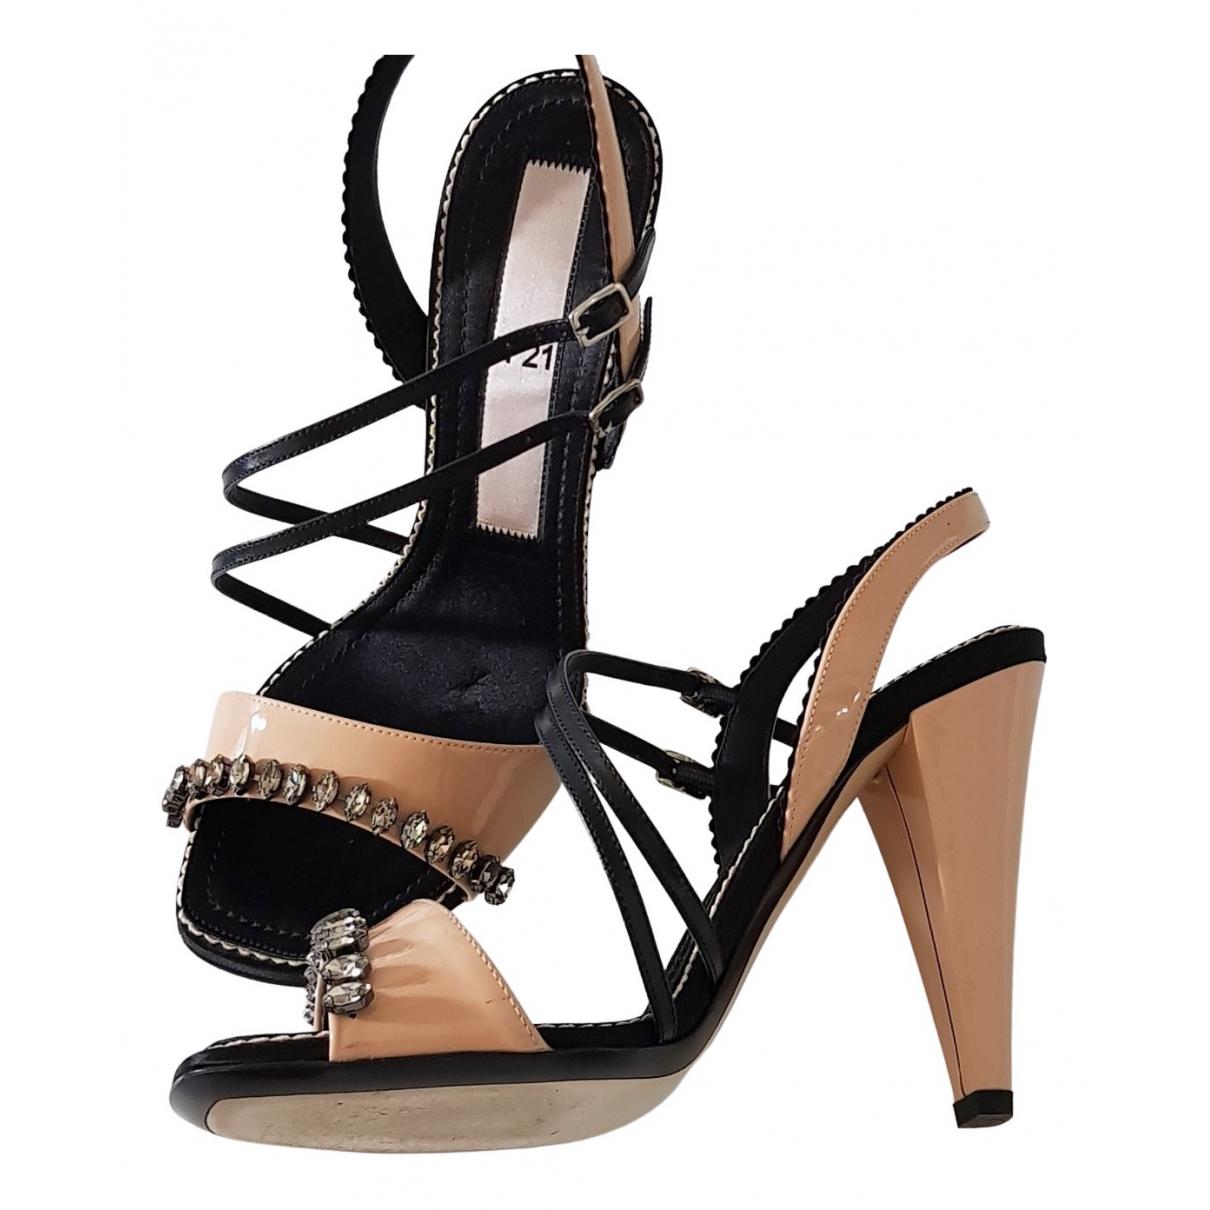 N°21 - Sandales   pour femme en a paillettes - multicolore